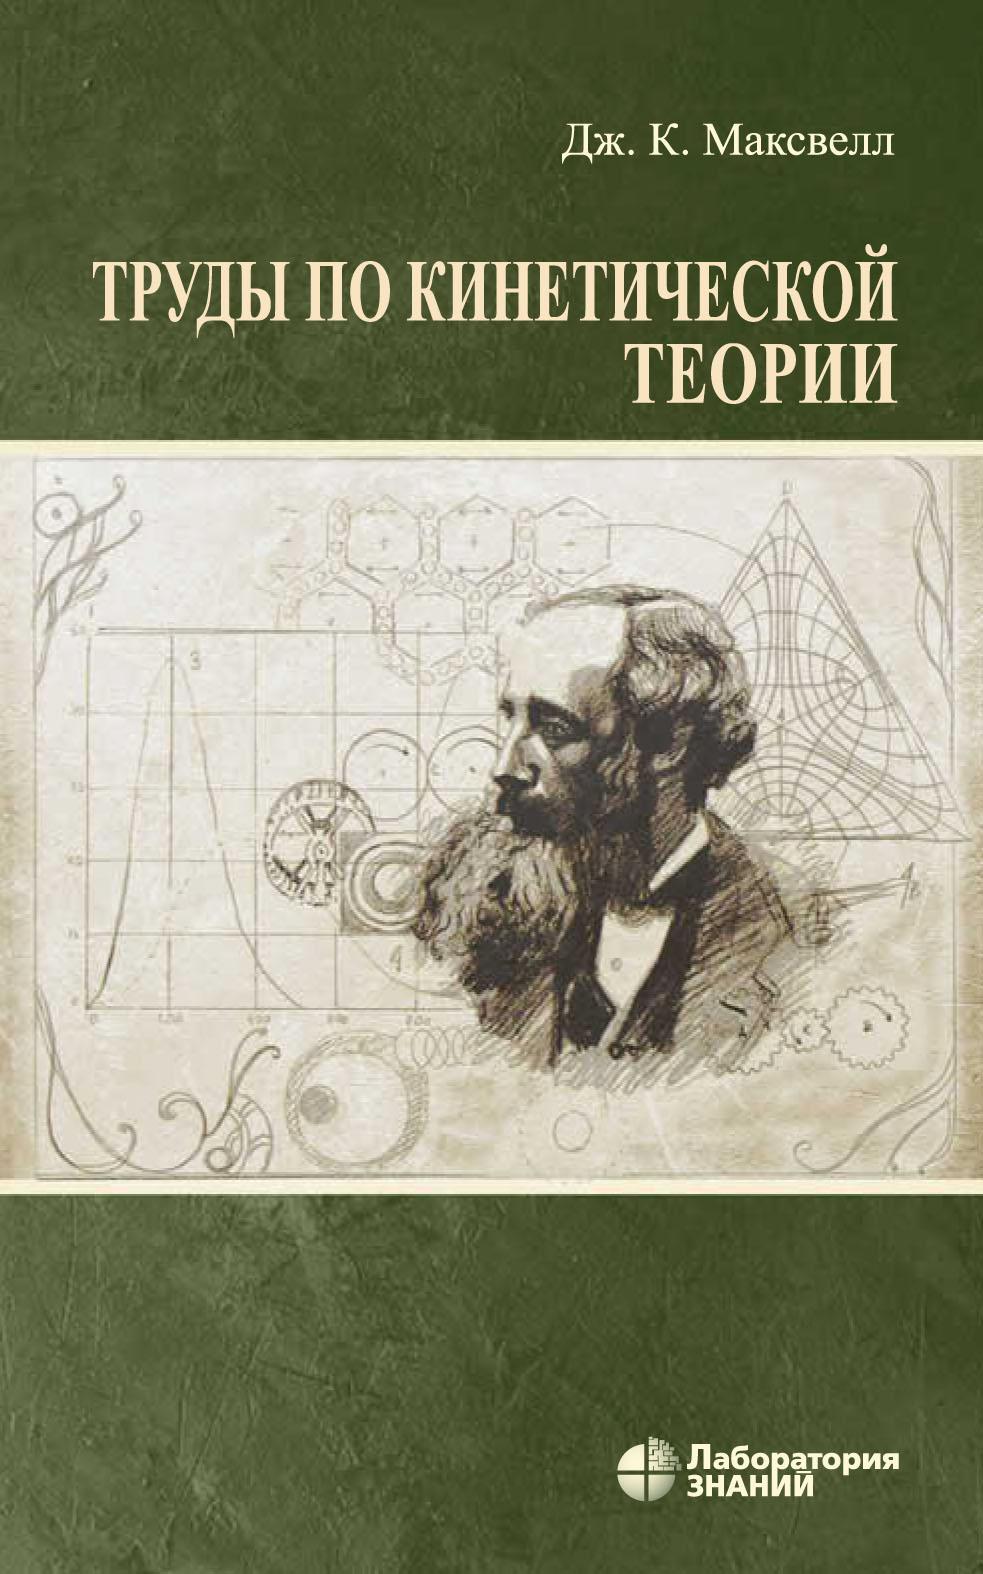 Джеймс Клерк Максвелл Труды по кинетической теории максвелл дж труды по кинетической теории